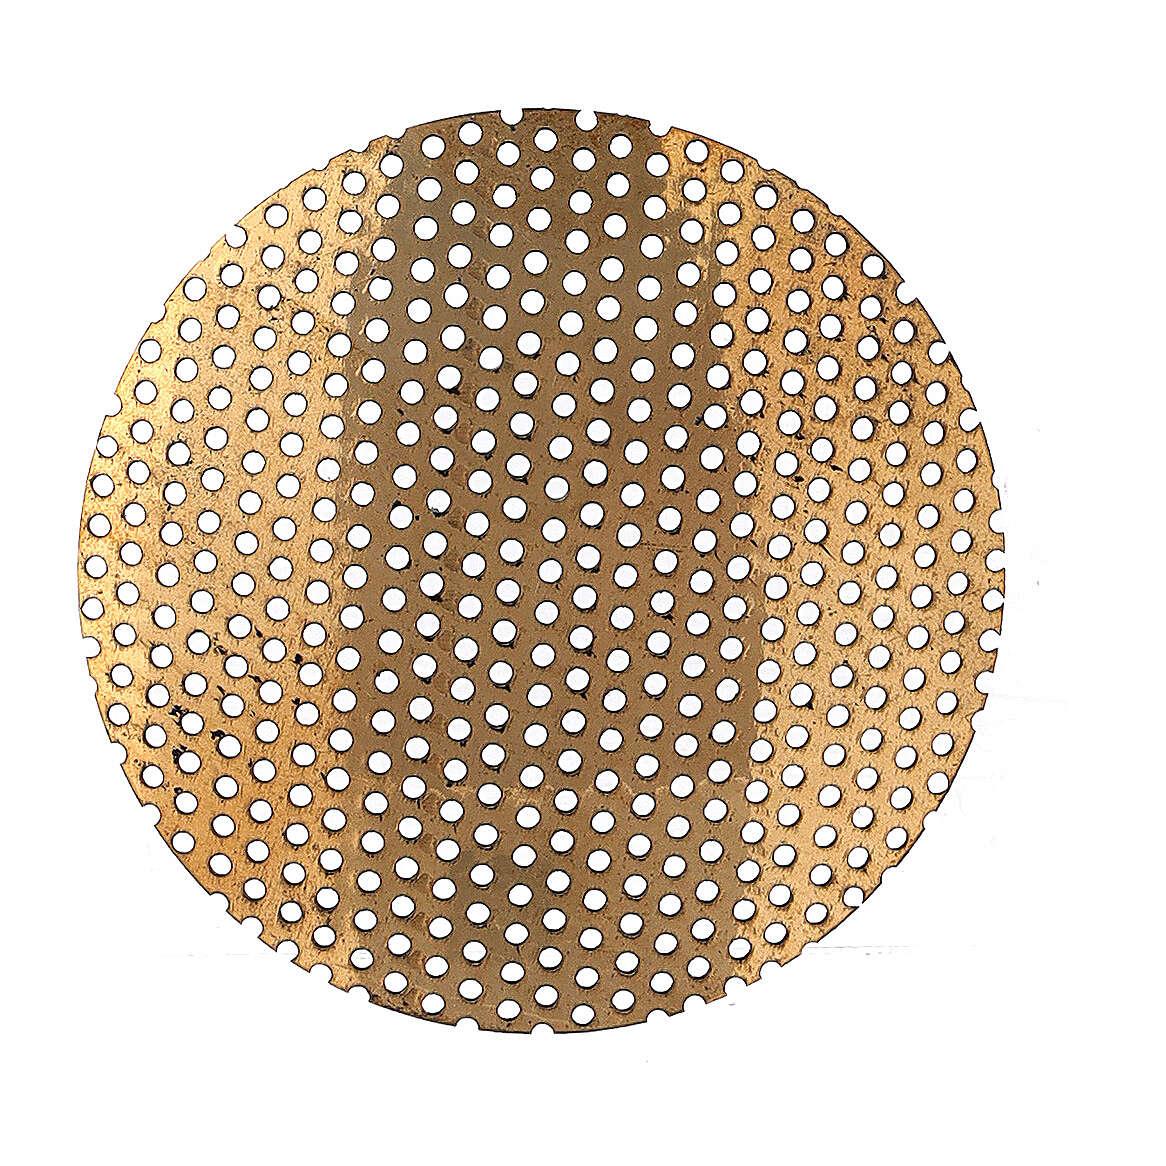 Grelha de latão dourado peça sobressalente para queimado de incenso, 5 cm 3